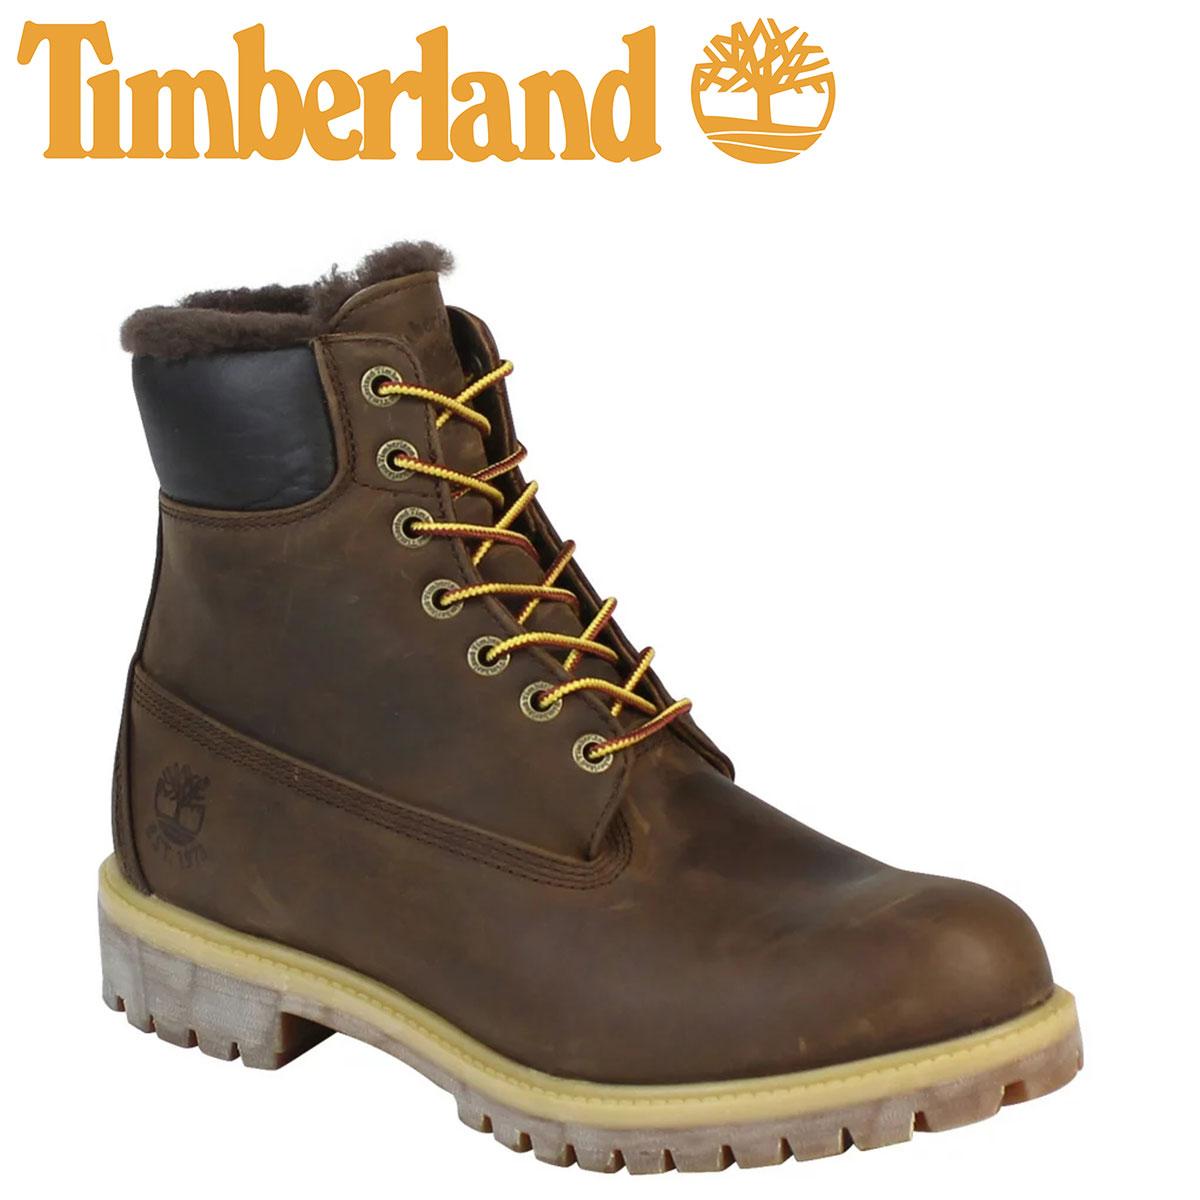 Timberland ティンバーランド HERITAGE 6 INCH SHEARLING LINED ブーツ ヘリテージ 6インチ シャーリング ライン 9664B Wワイズ ダークブラウン メンズ